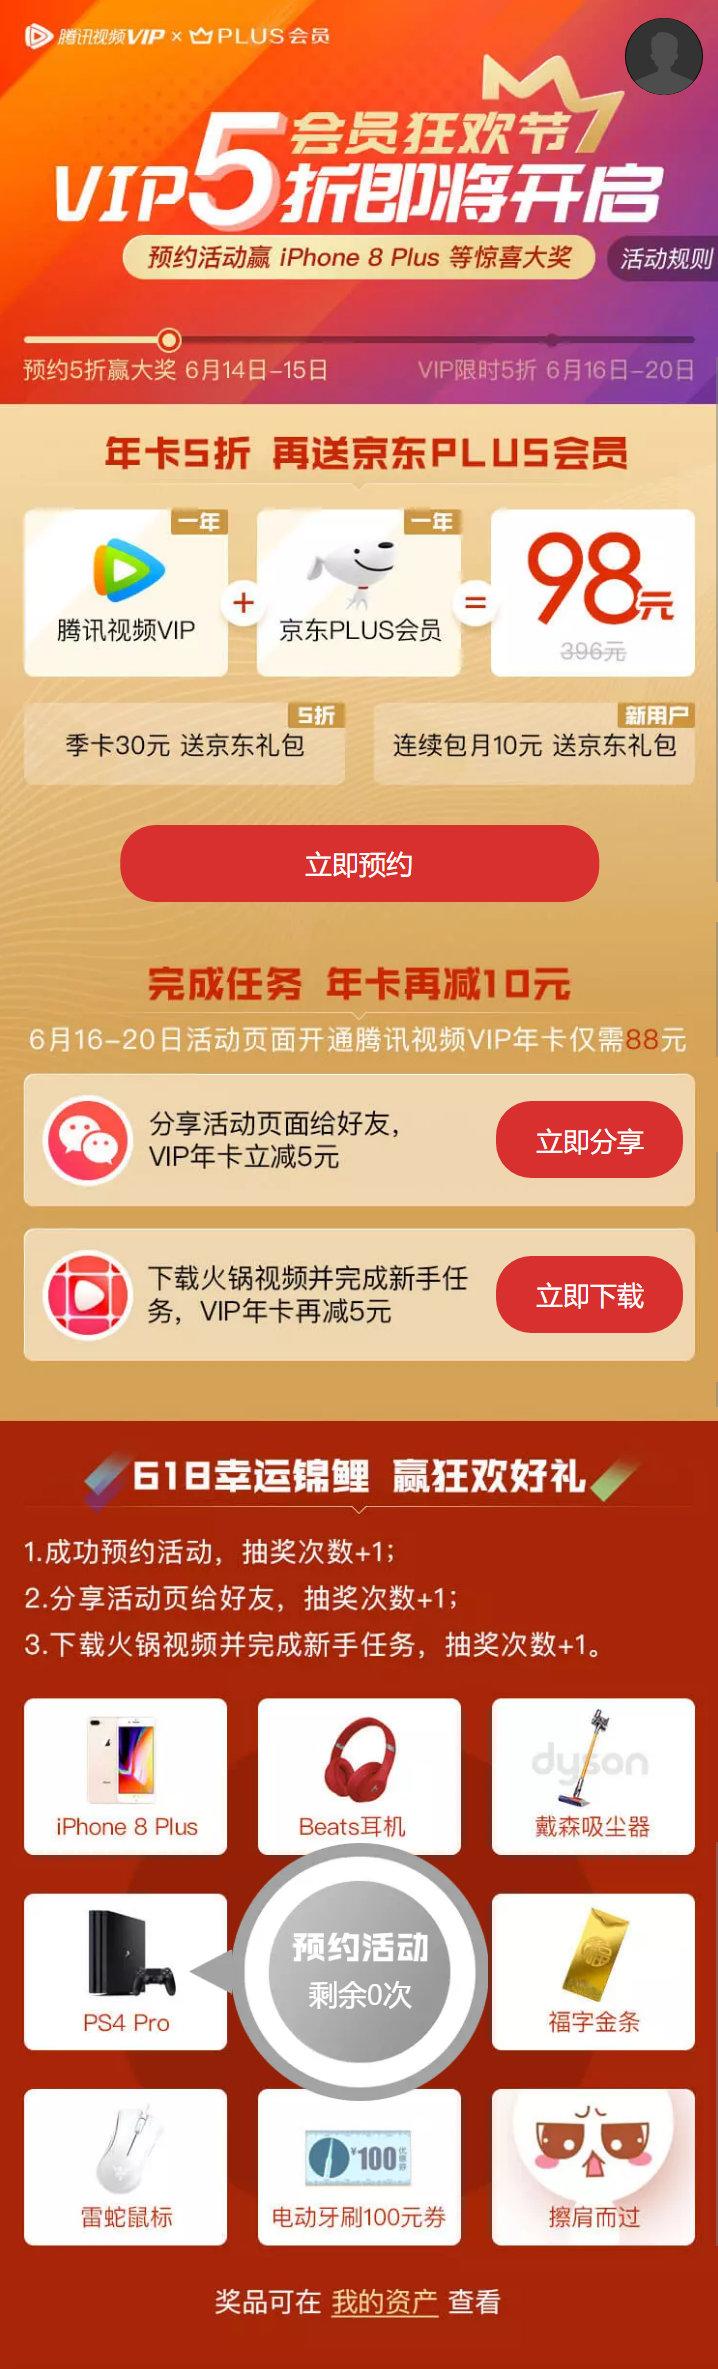 88元购买腾讯视频VIP年卡+京东plus年卡